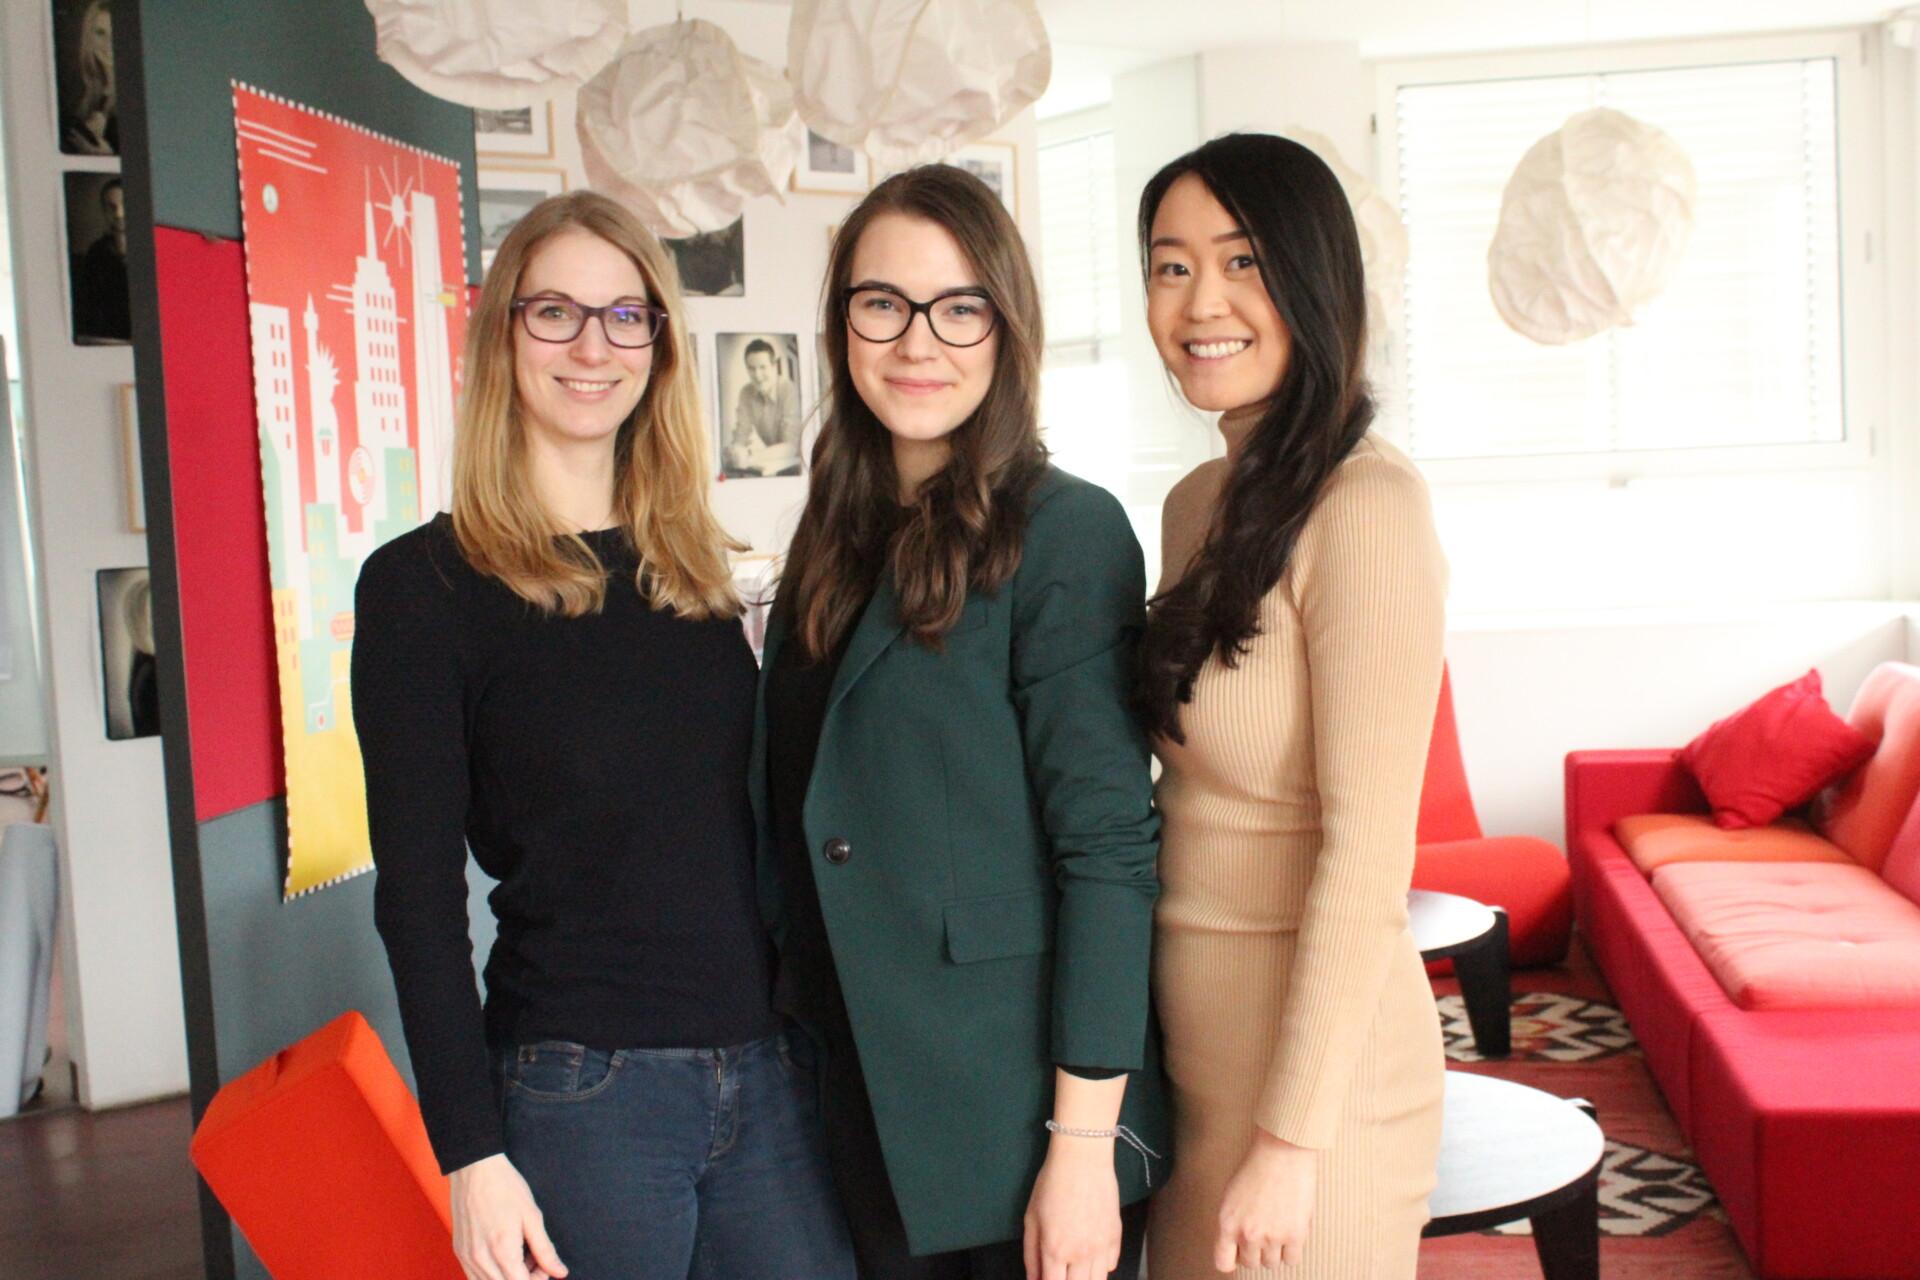 Sarah und ihre beiden Management Trainee Kolleginnen